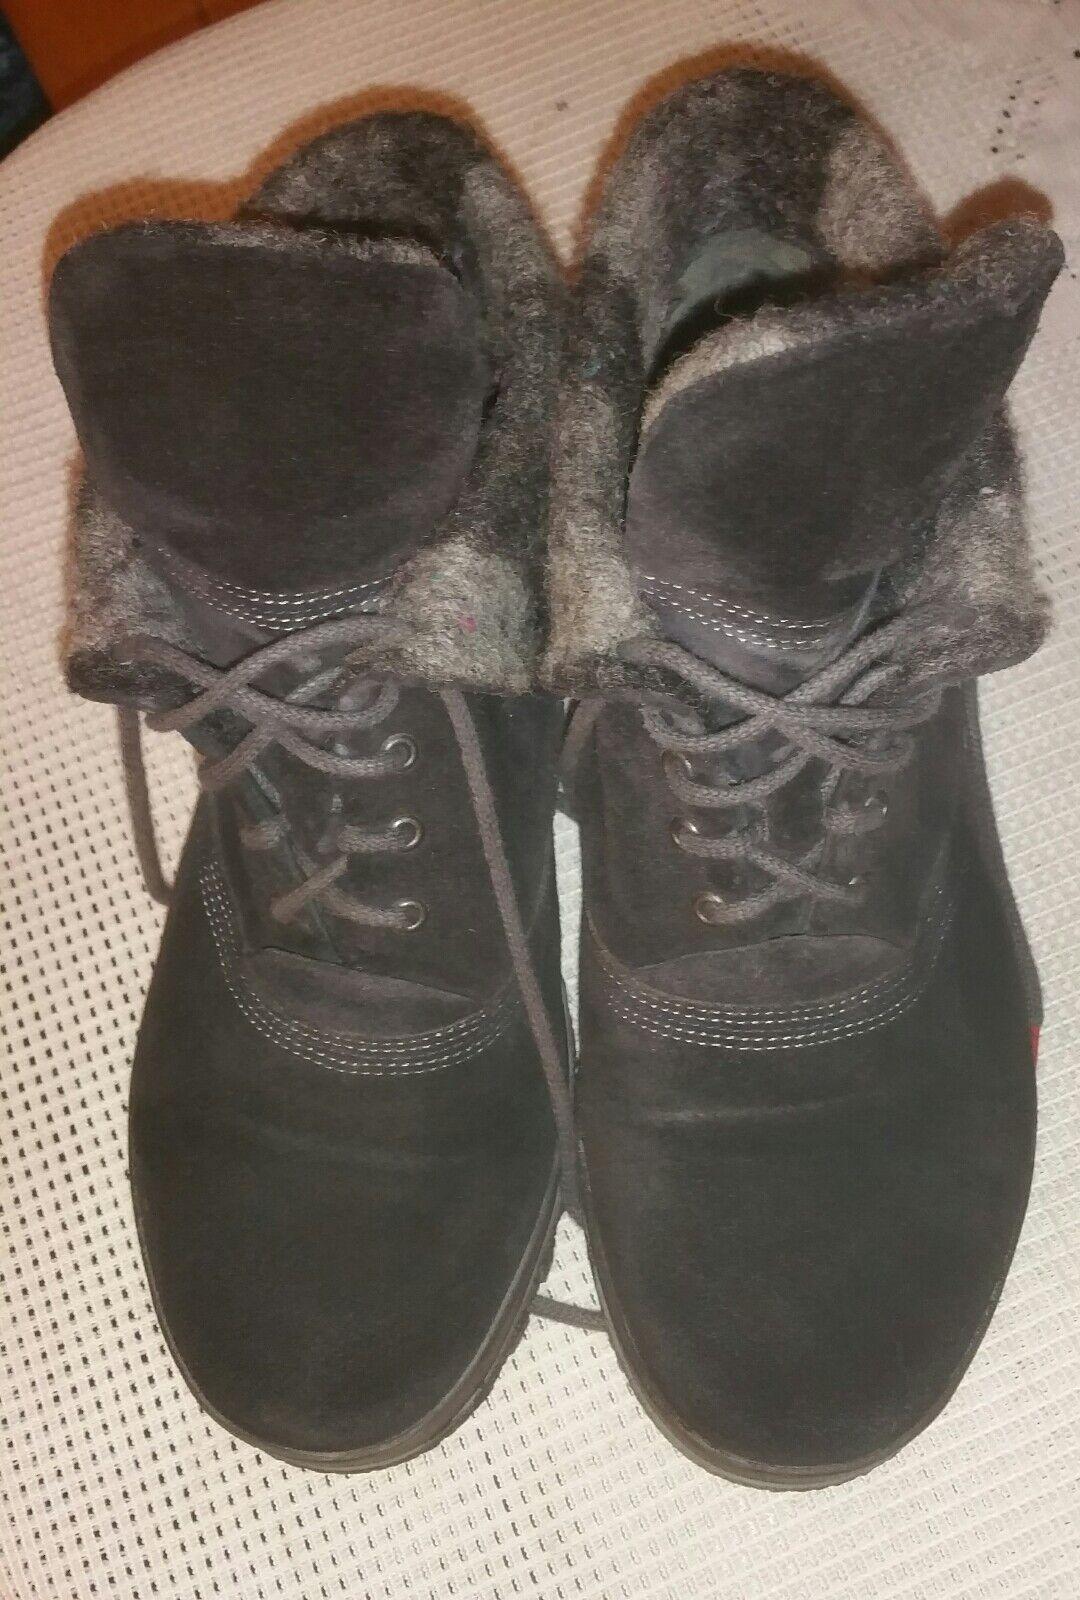 THINK Damen  Stiefel Stiefel Winterstiefel  Gefüttert Gr.37 schwarz